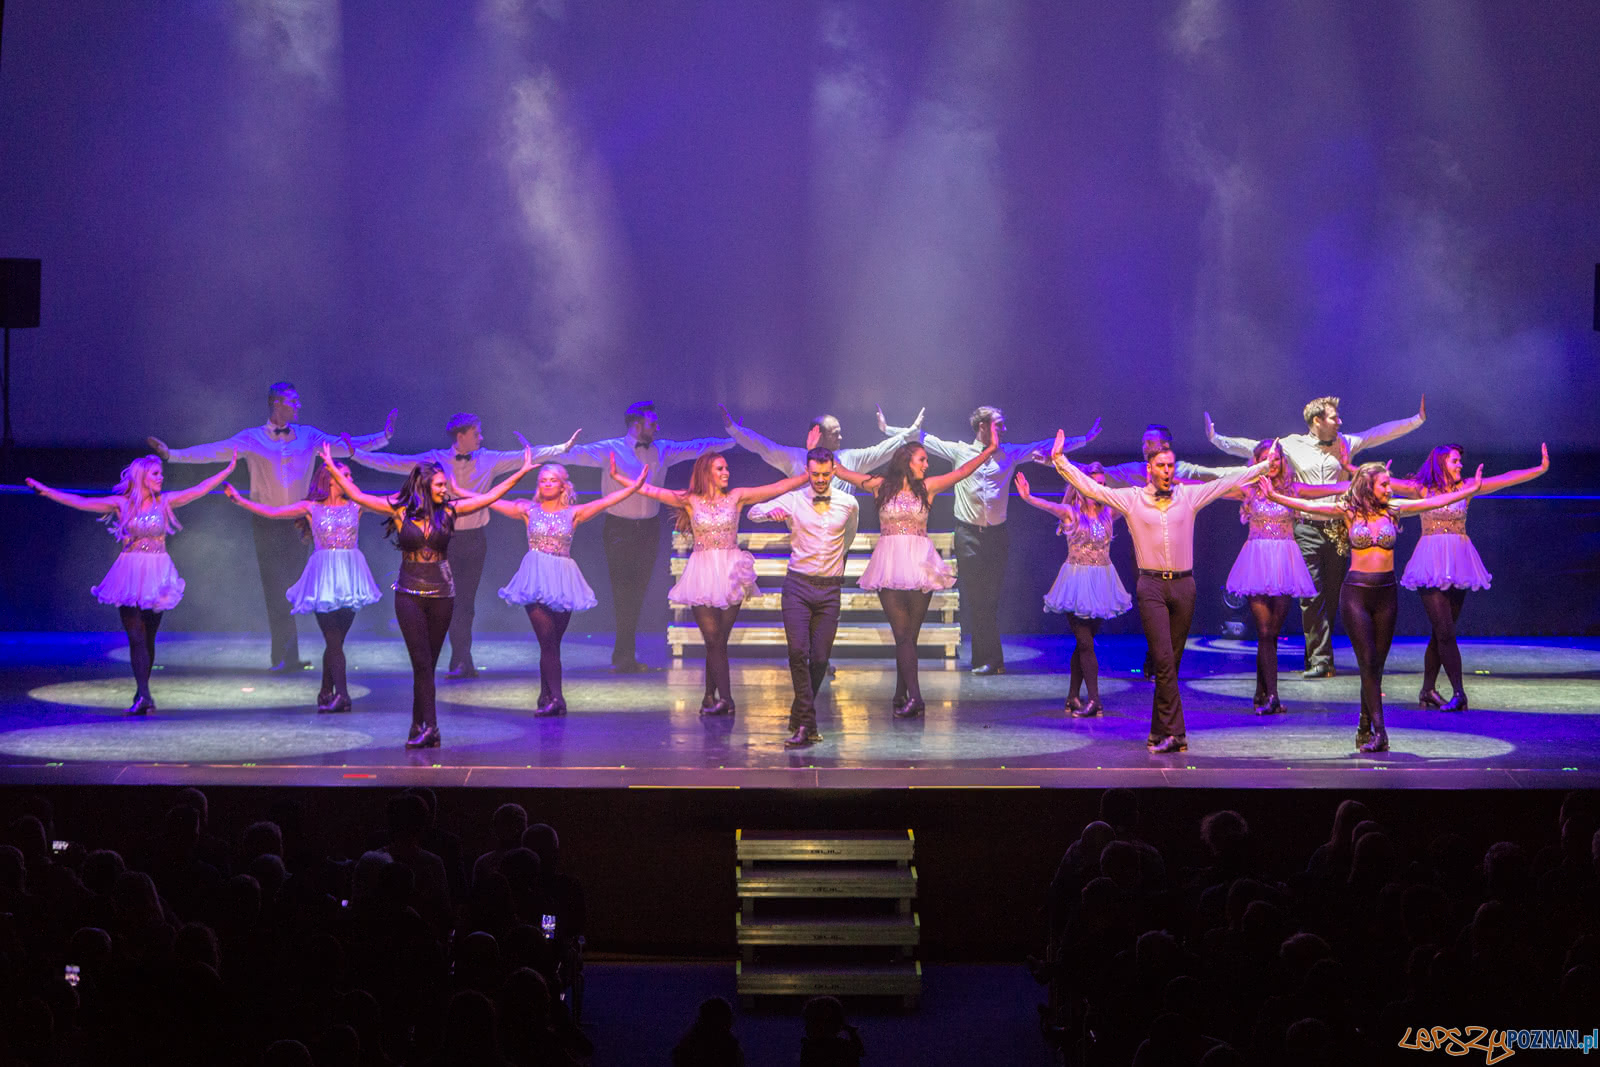 Gaelforce Dance w Sali Ziemi - Poznań 6.12.2018 r.  Foto: LepszyPOZNAN.pl / Paweł Rychter